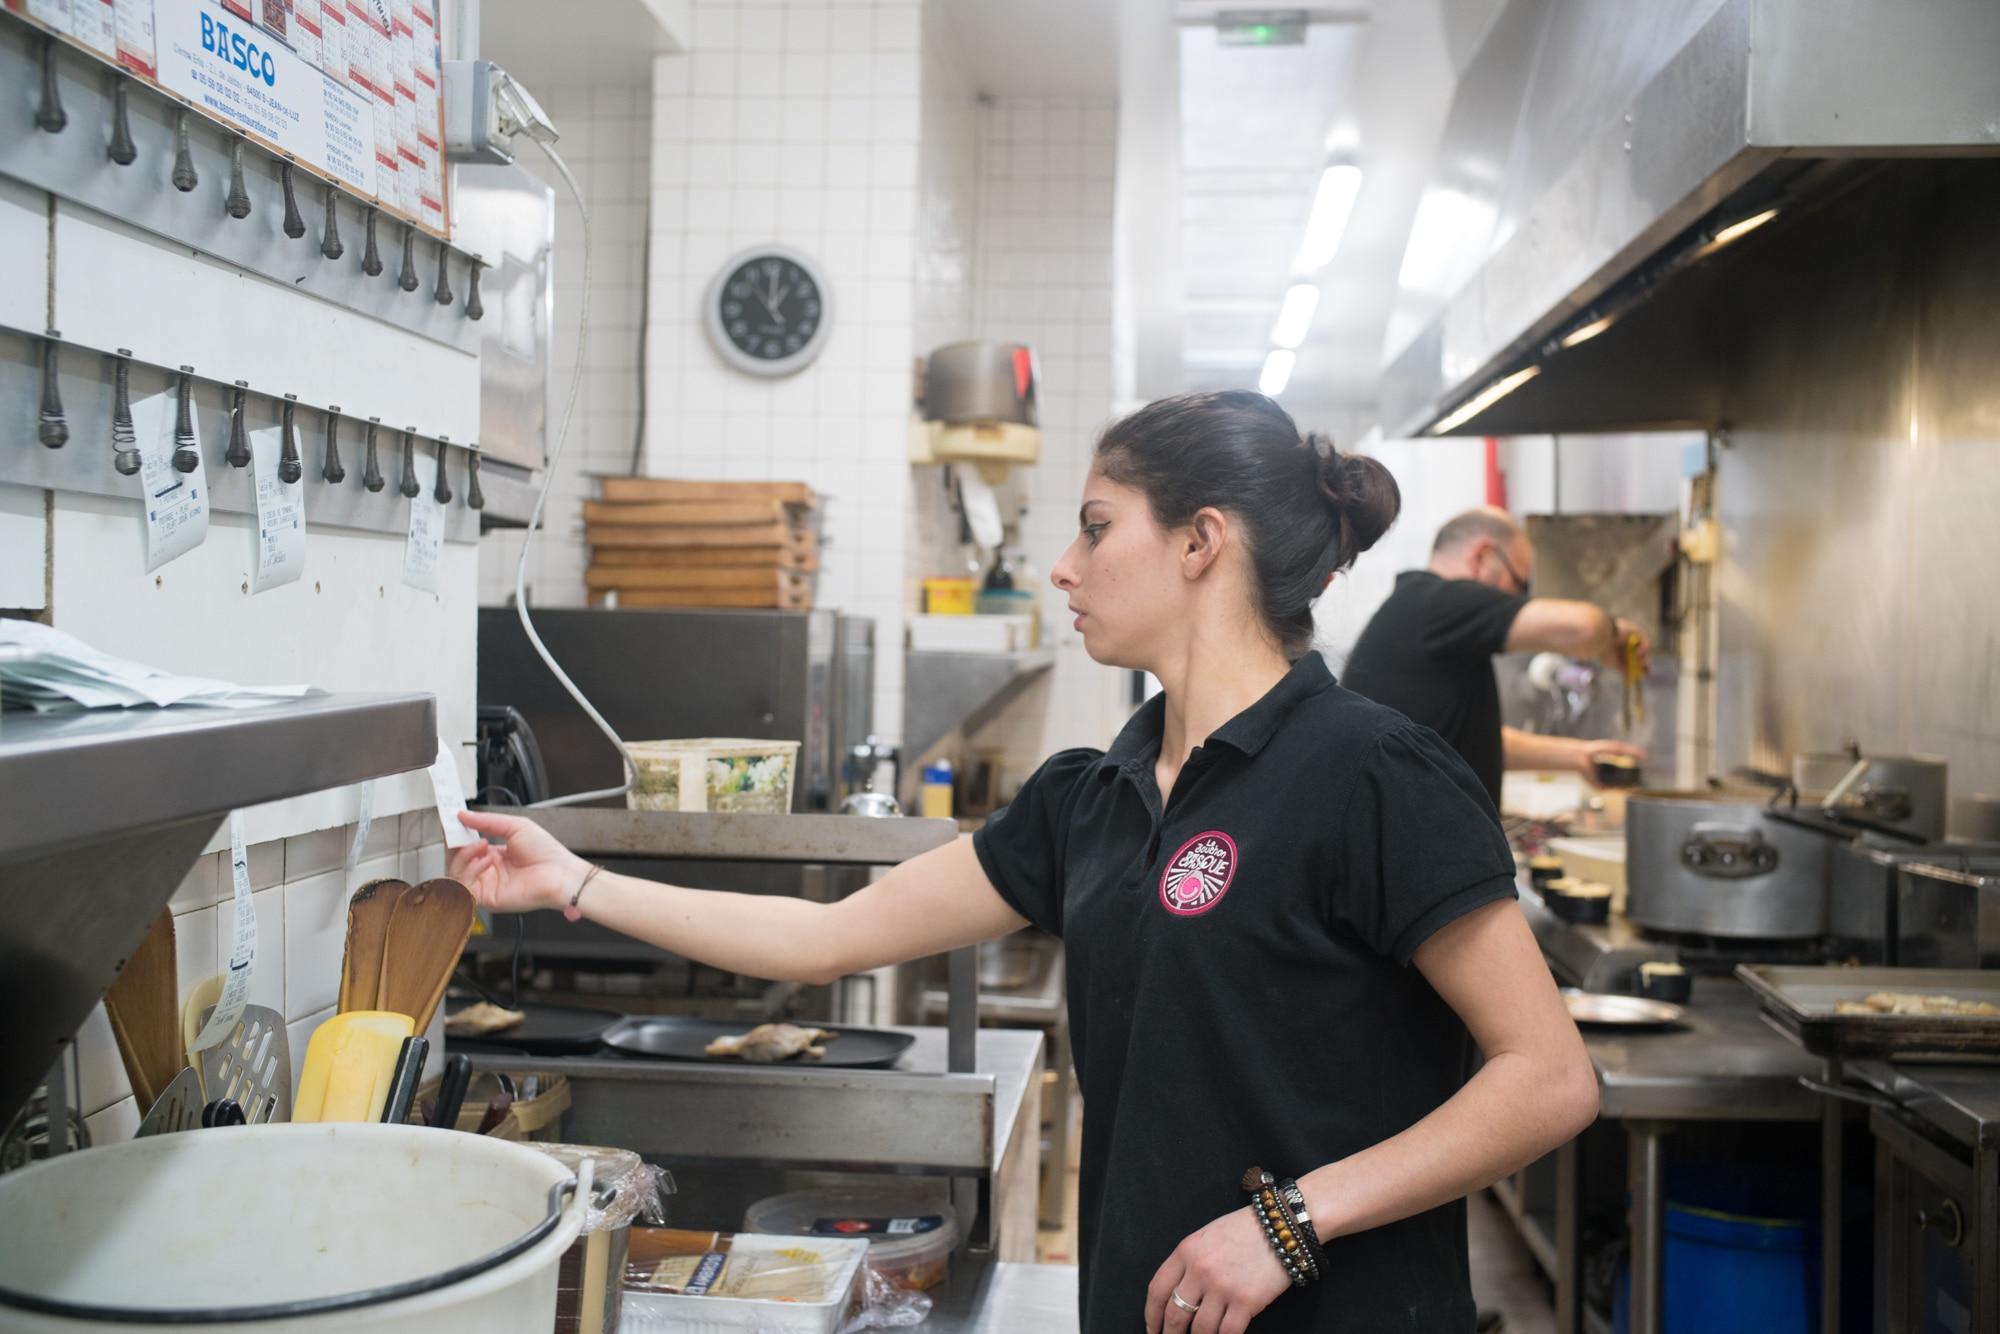 En cuisine, Océane décroche une note du mur des commandes.